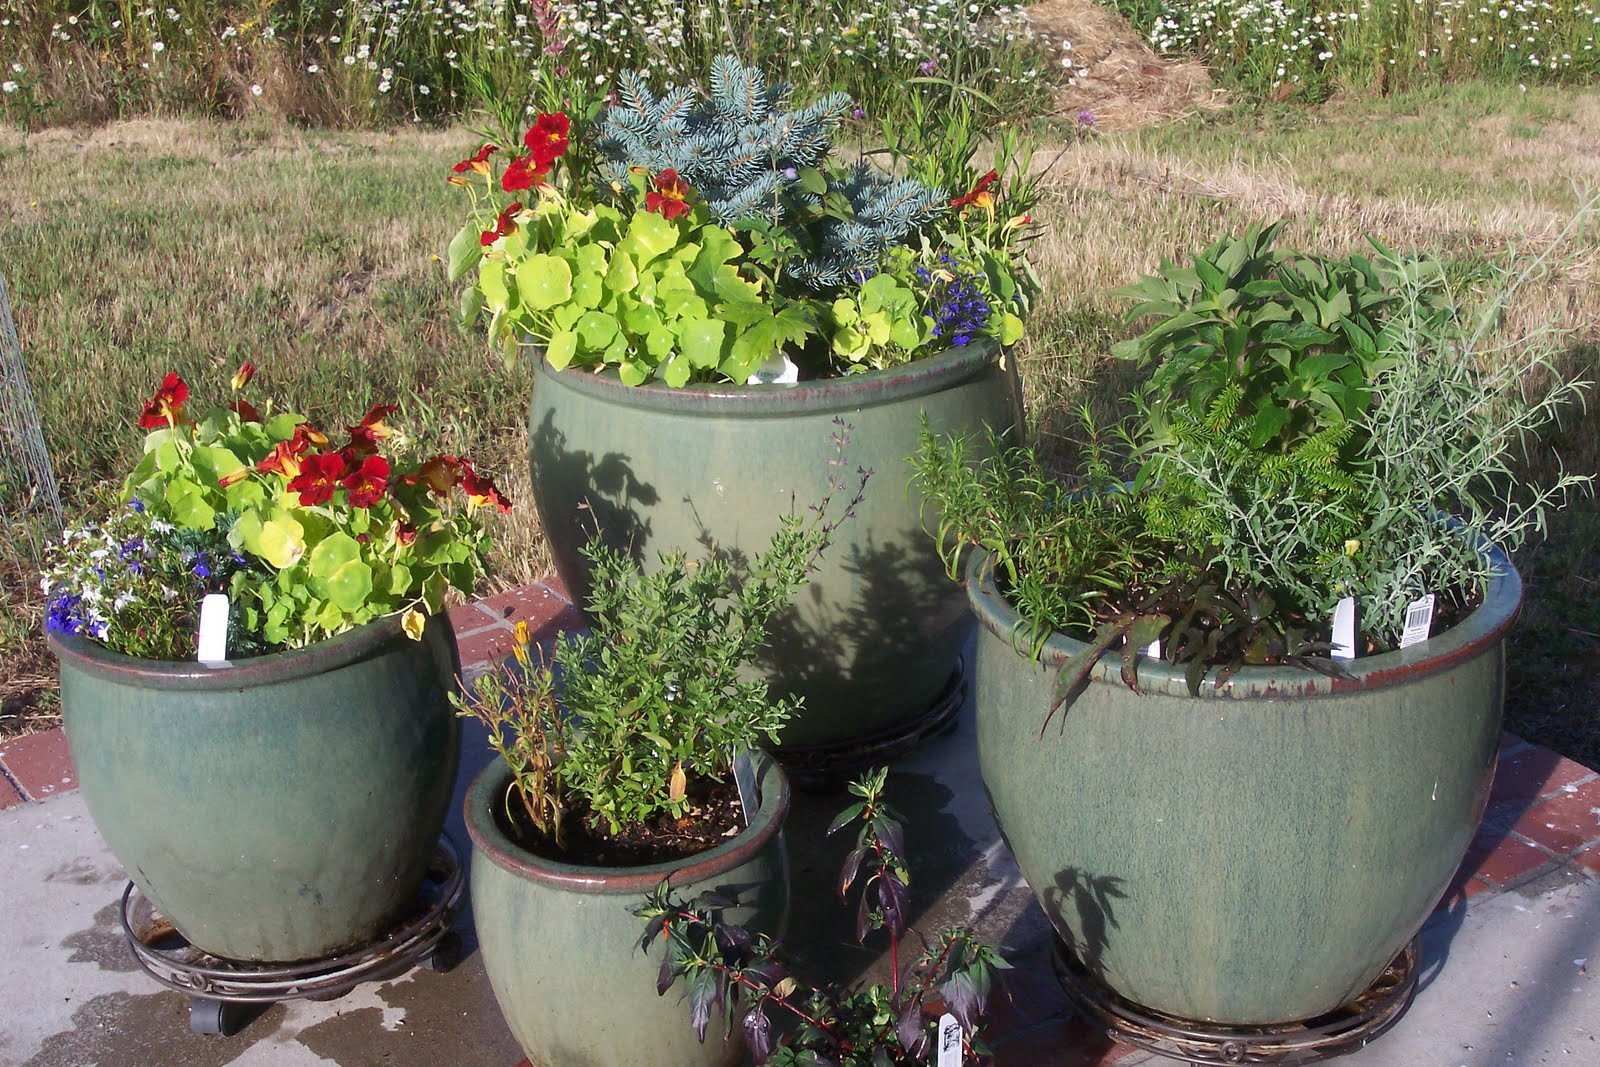 Arcilla de tierra clanes - The Sensible Gardener